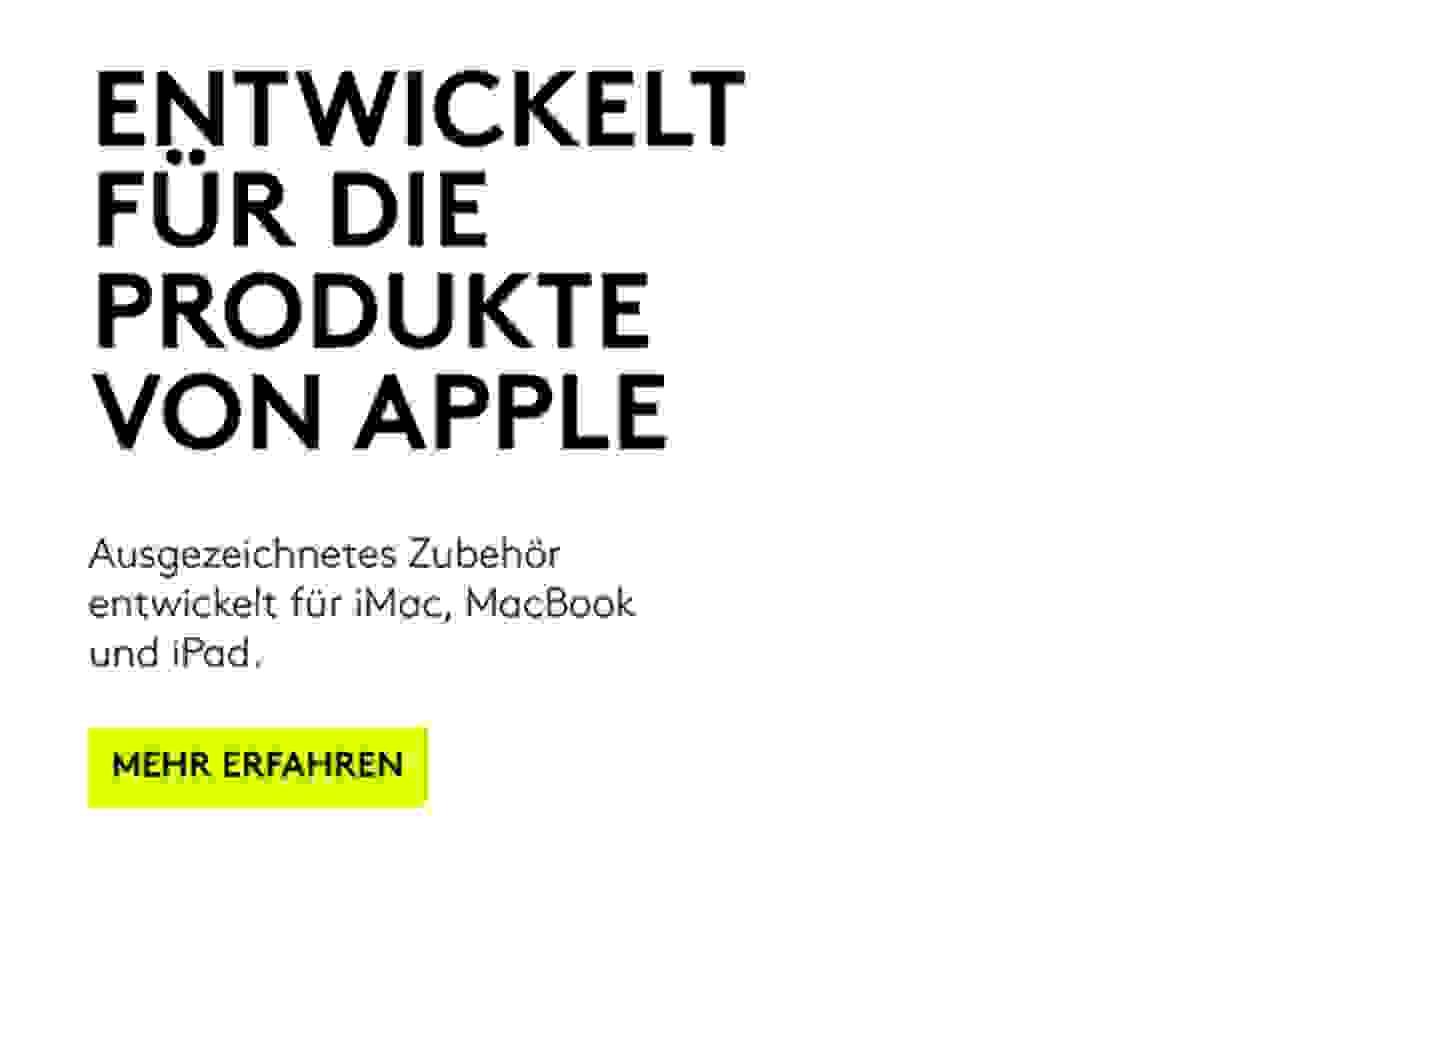 Entwickelt für die Produkte von Apple